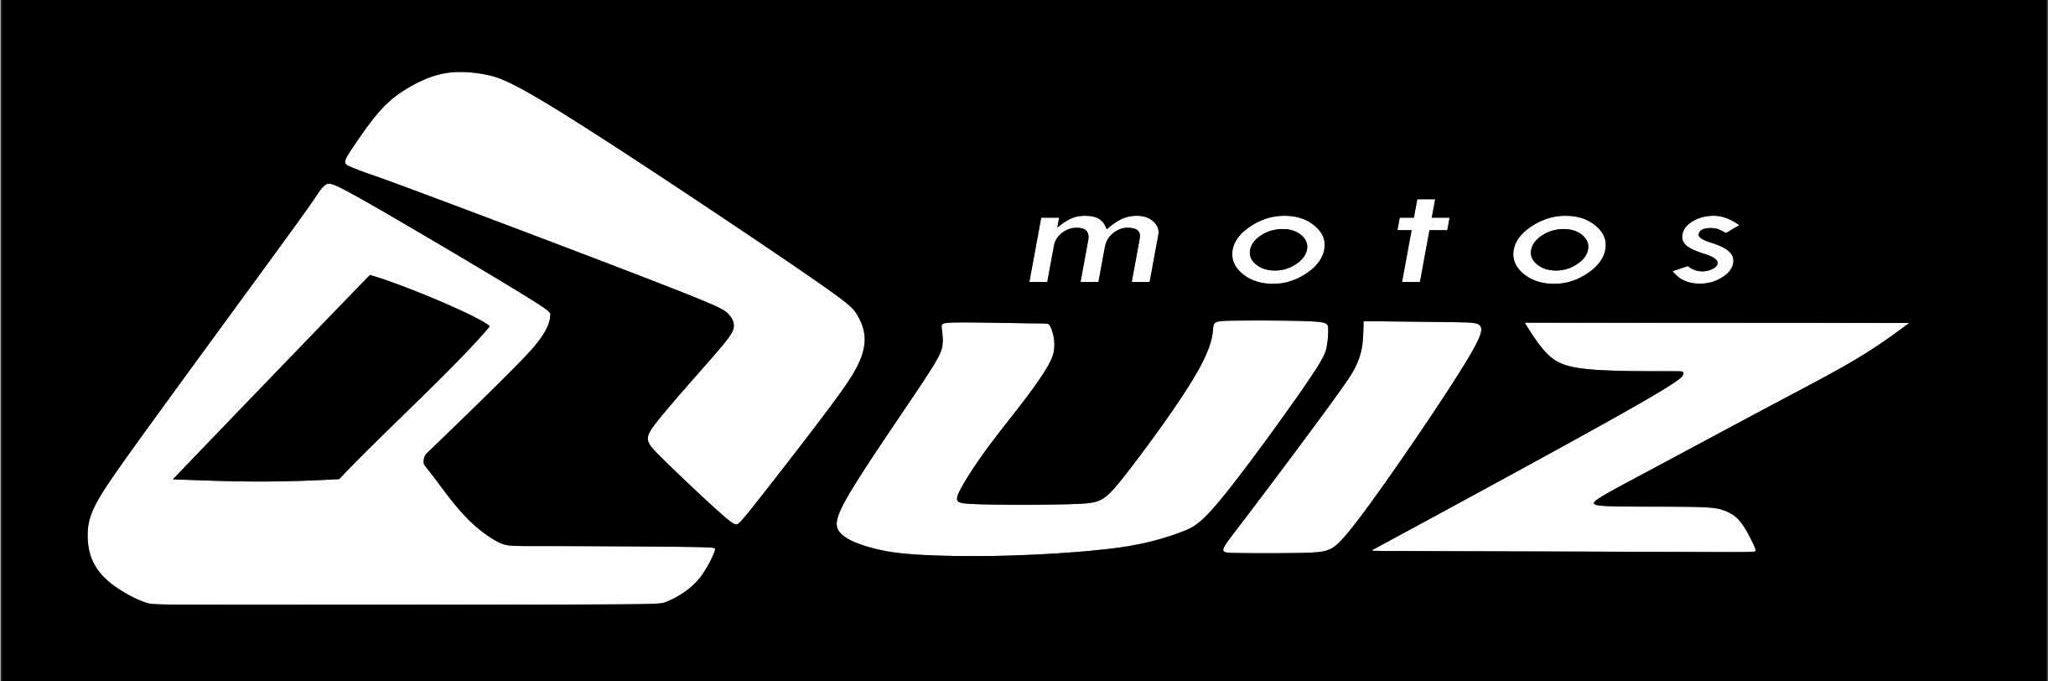 Motos Ruiz